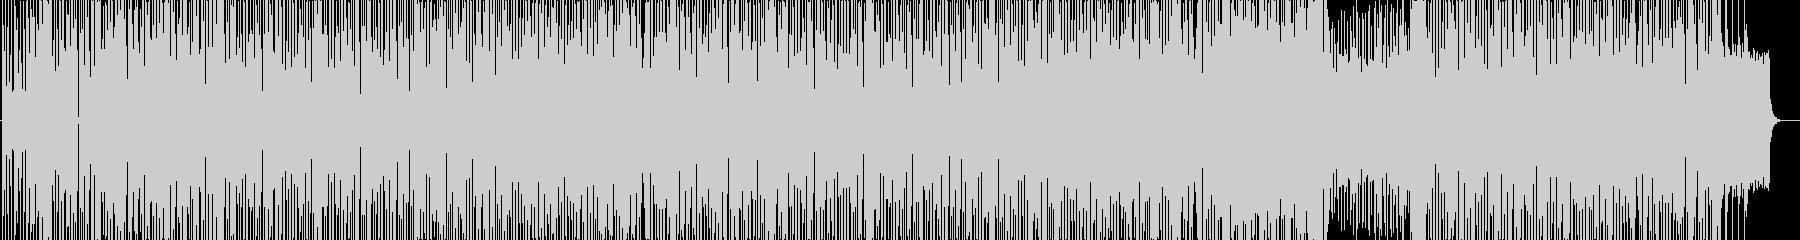 ユーロビート風のゆったりとしたポップスの未再生の波形